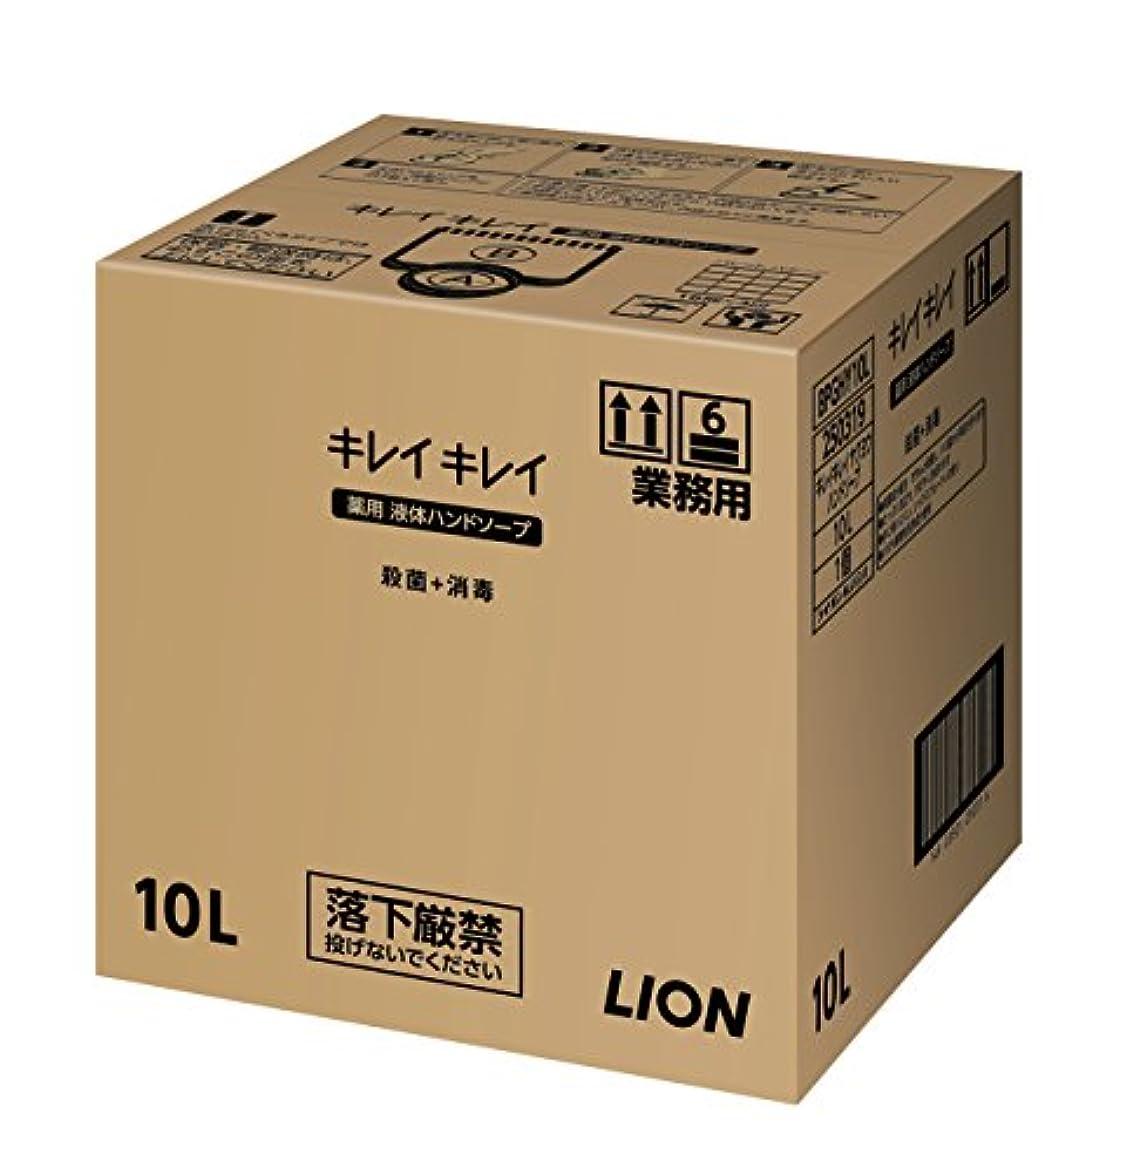 複製する一定指標【大容量】キレイキレイ薬用ハンドソープ10L